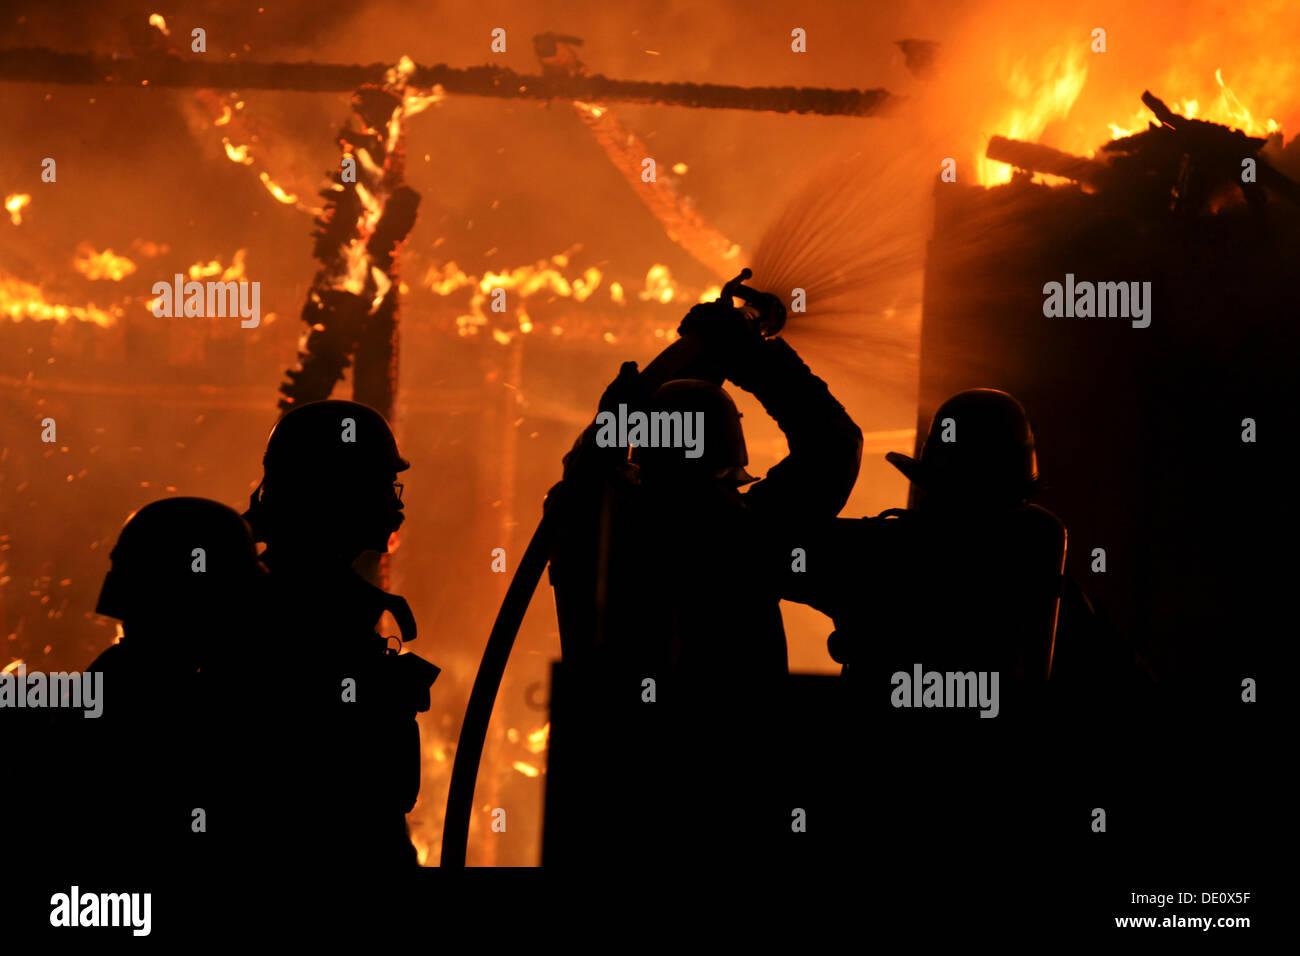 Brandstiftung, Feuerwehr Löschen eines Brandes im Storchennest Zuteilung Gartenbereich, Cottbusser Straße, Berlin-Hellersdorf Stockbild